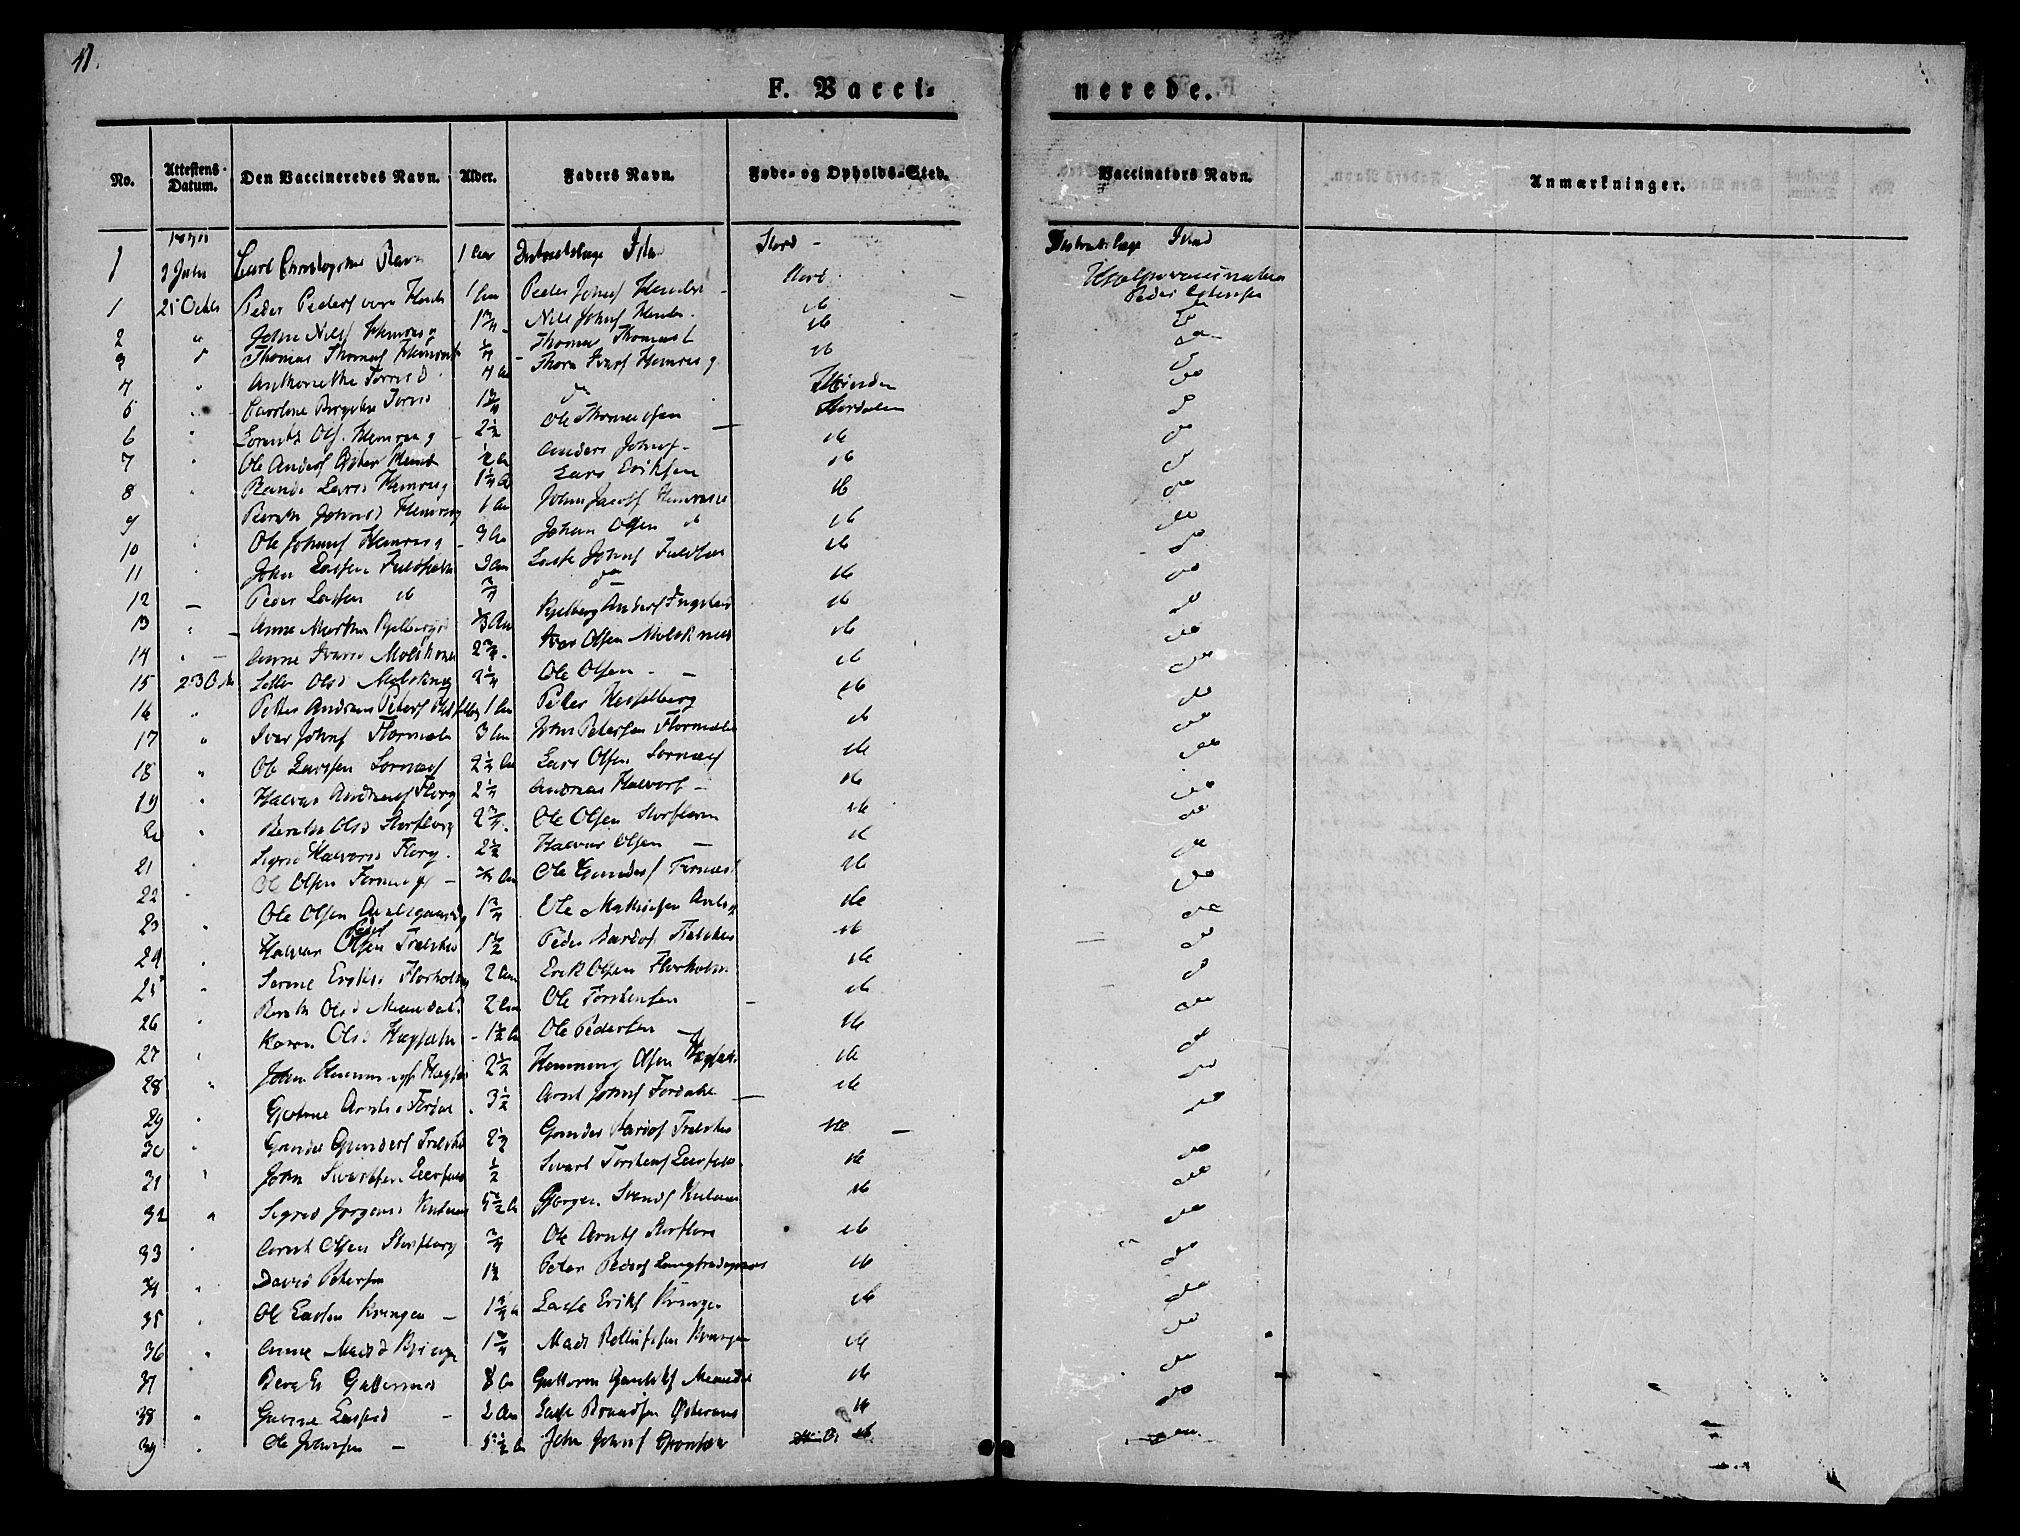 SAT, Ministerialprotokoller, klokkerbøker og fødselsregistre - Nord-Trøndelag, 709/L0073: Ministerialbok nr. 709A13, 1841-1844, s. 51